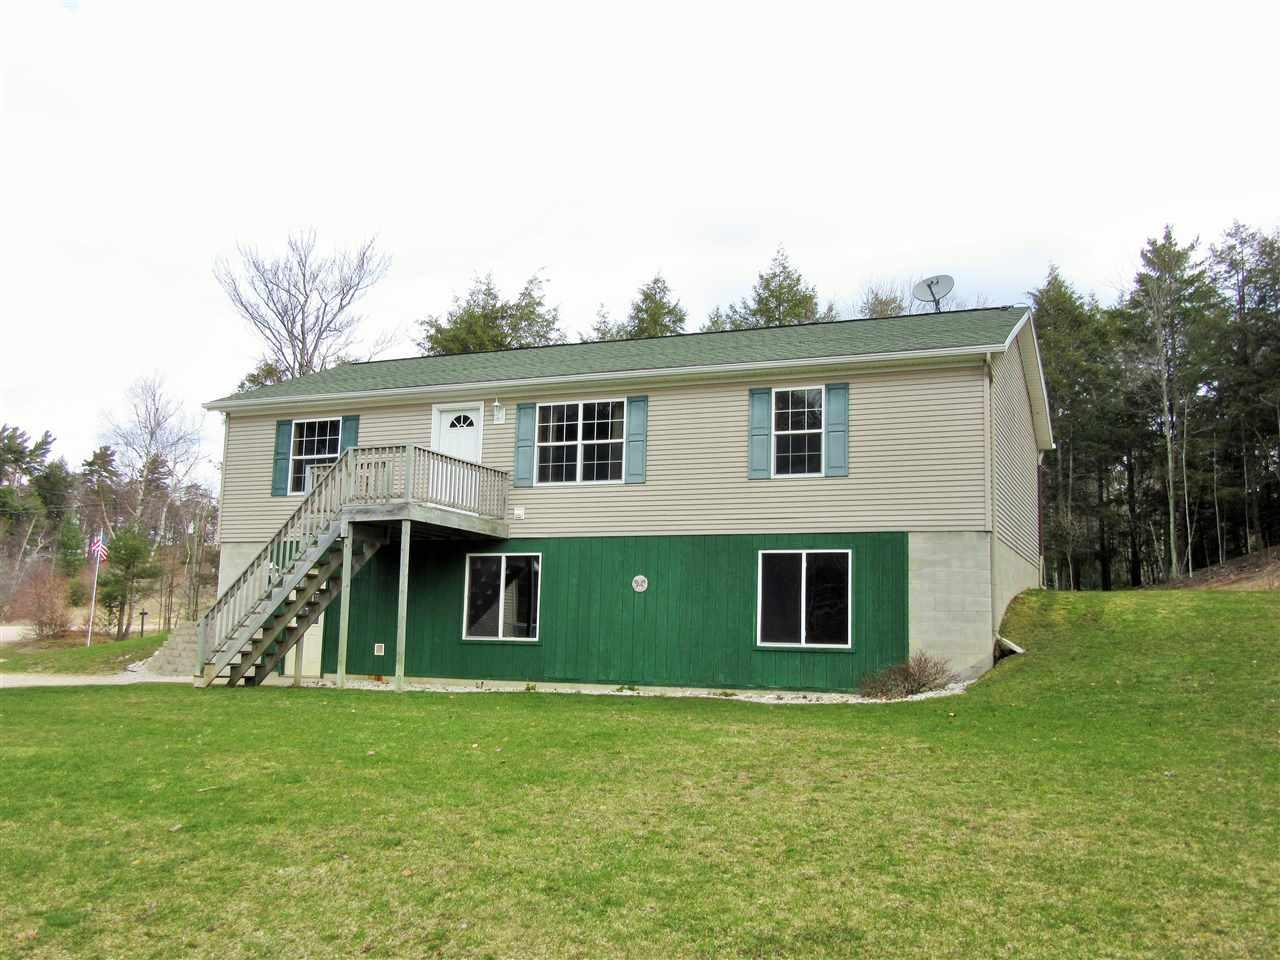 540 N East Gulliver Lake Rd, Gulliver, MI